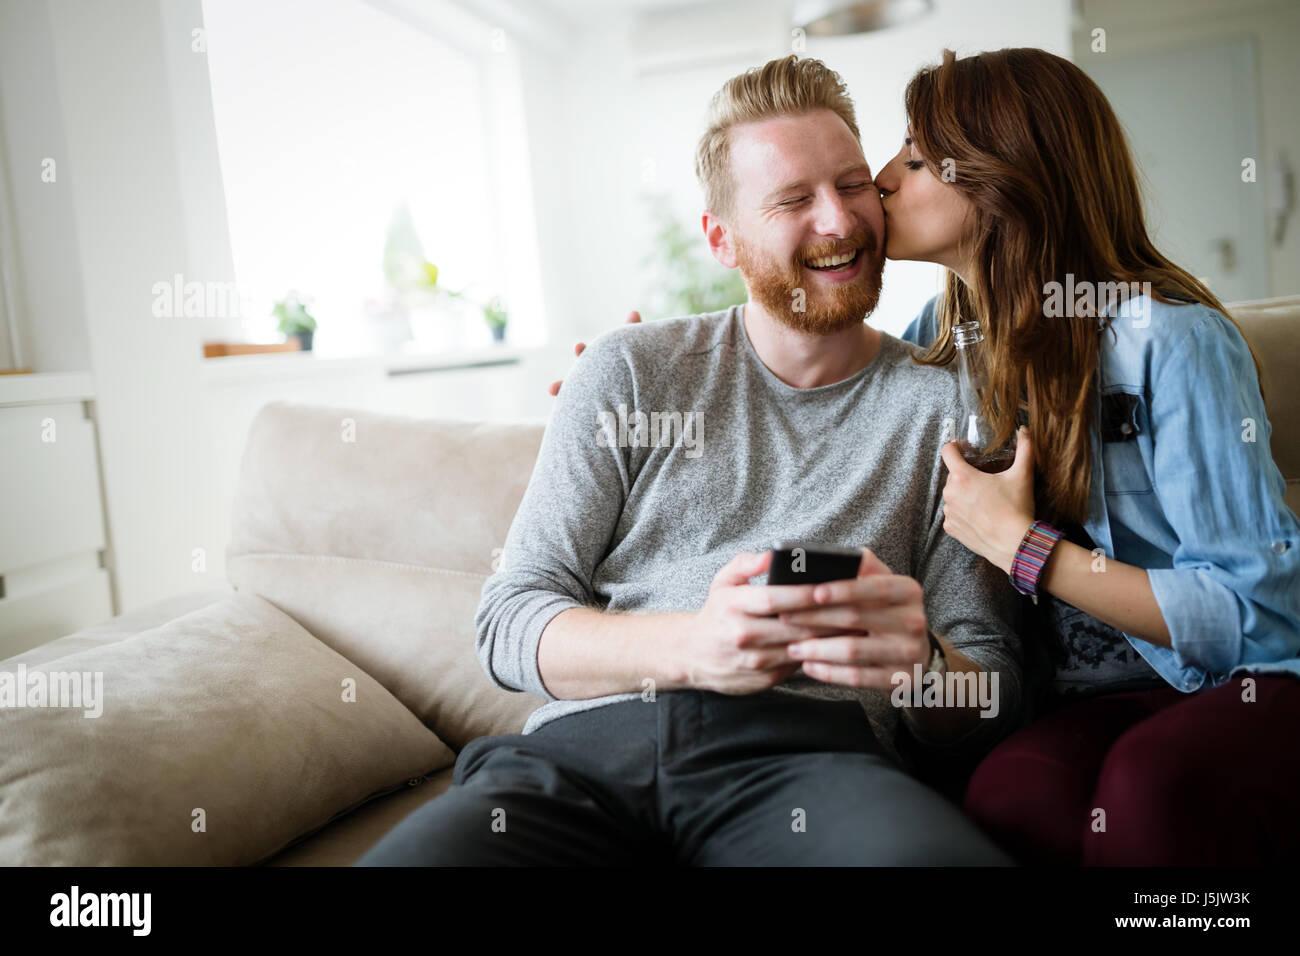 Jeune couple romantique exprimant leur amour par le baiser Photo Stock